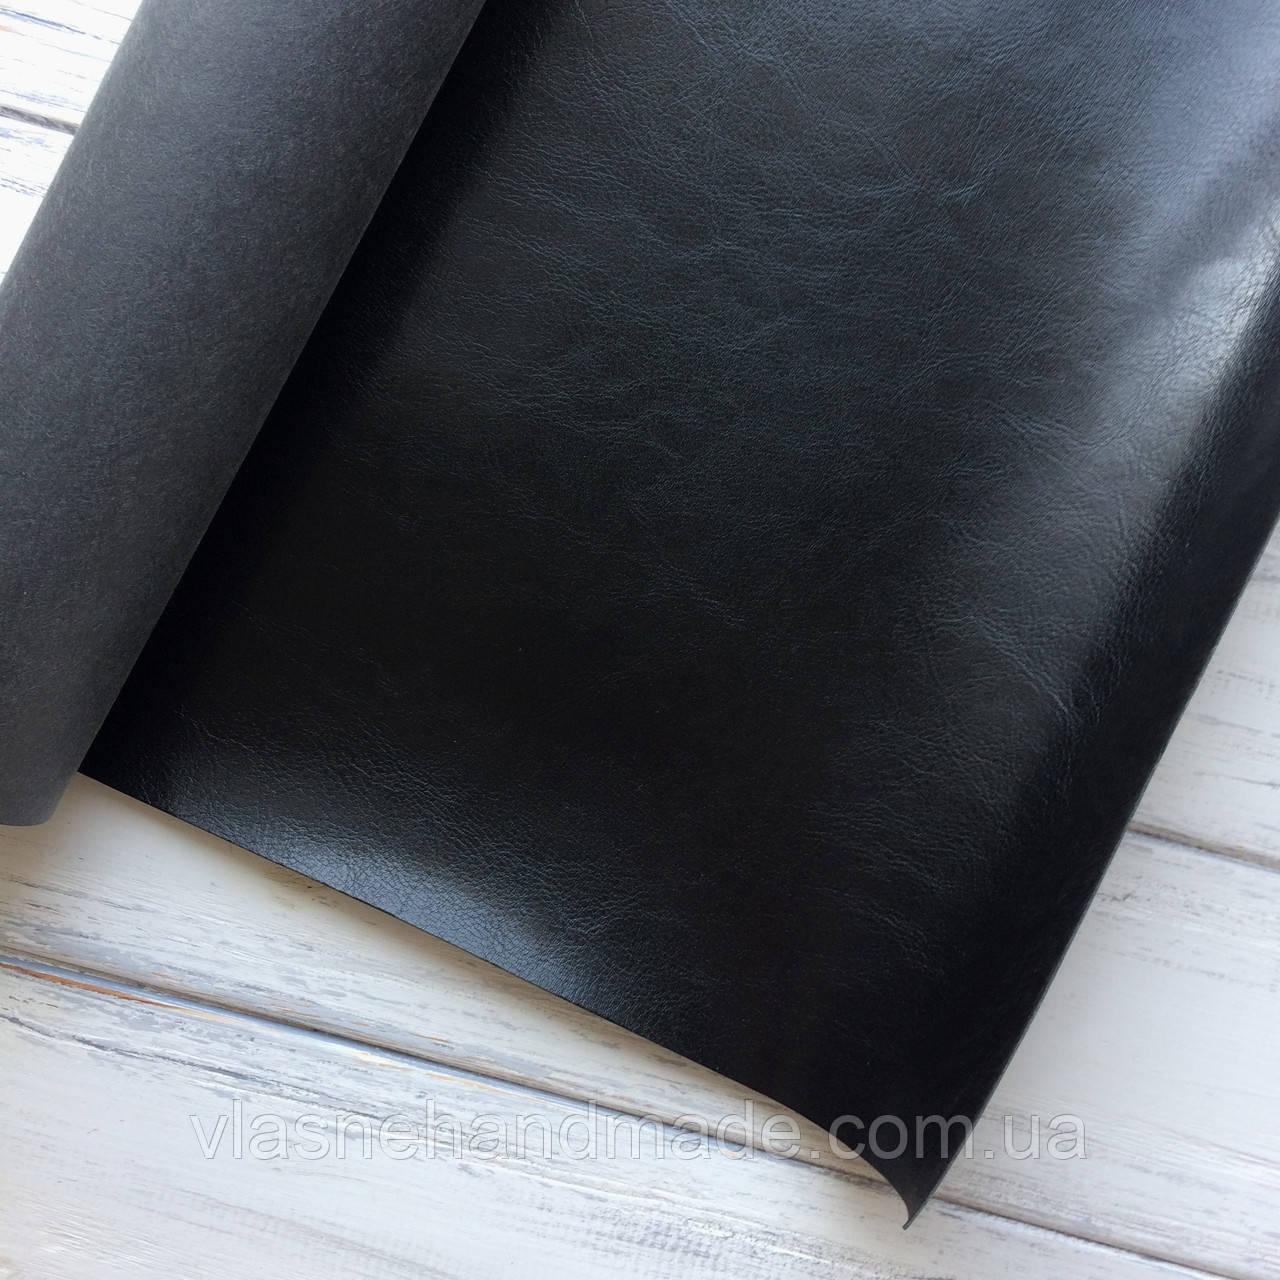 НЕФОРМАТ АБО НЕВЕЛИКИЙ БРАК!! Шкірзамінник палітурний - глянець - чорний - виробник Італія - 15х75 см